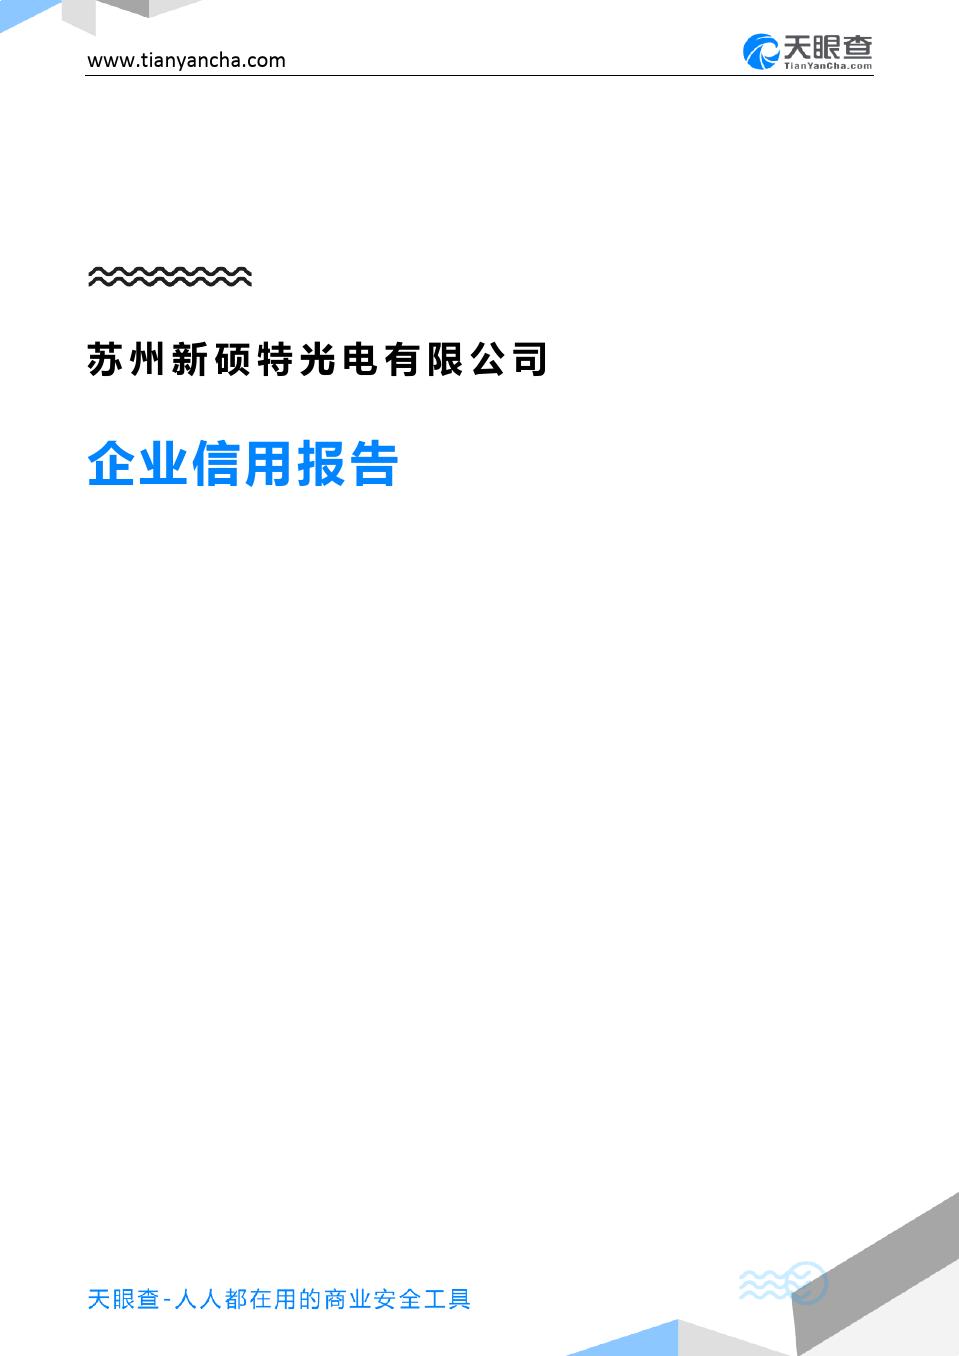 苏州新硕特光电有限公司(企业信用报告)- 天眼查